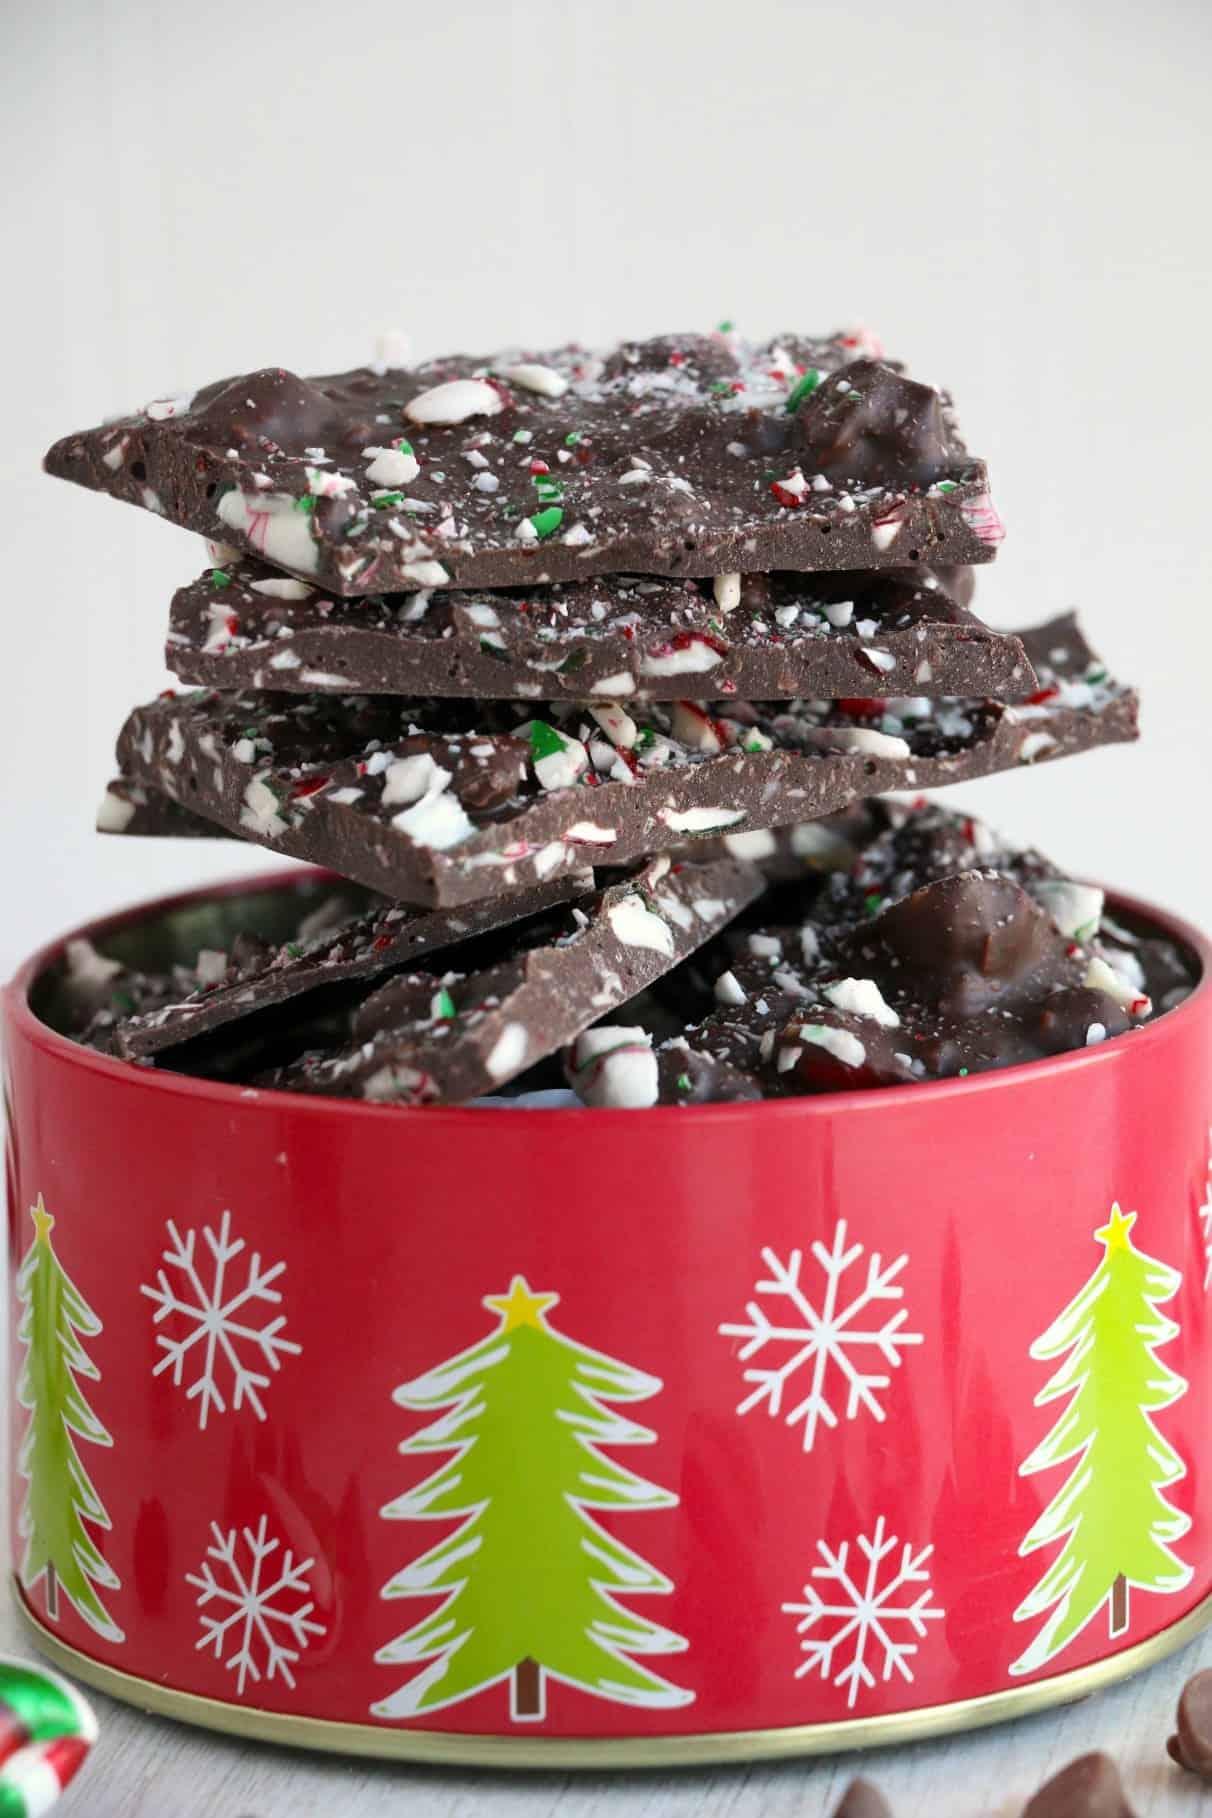 Corteza de chocolate y menta apiladas una encima de la otra en una lata navideña.